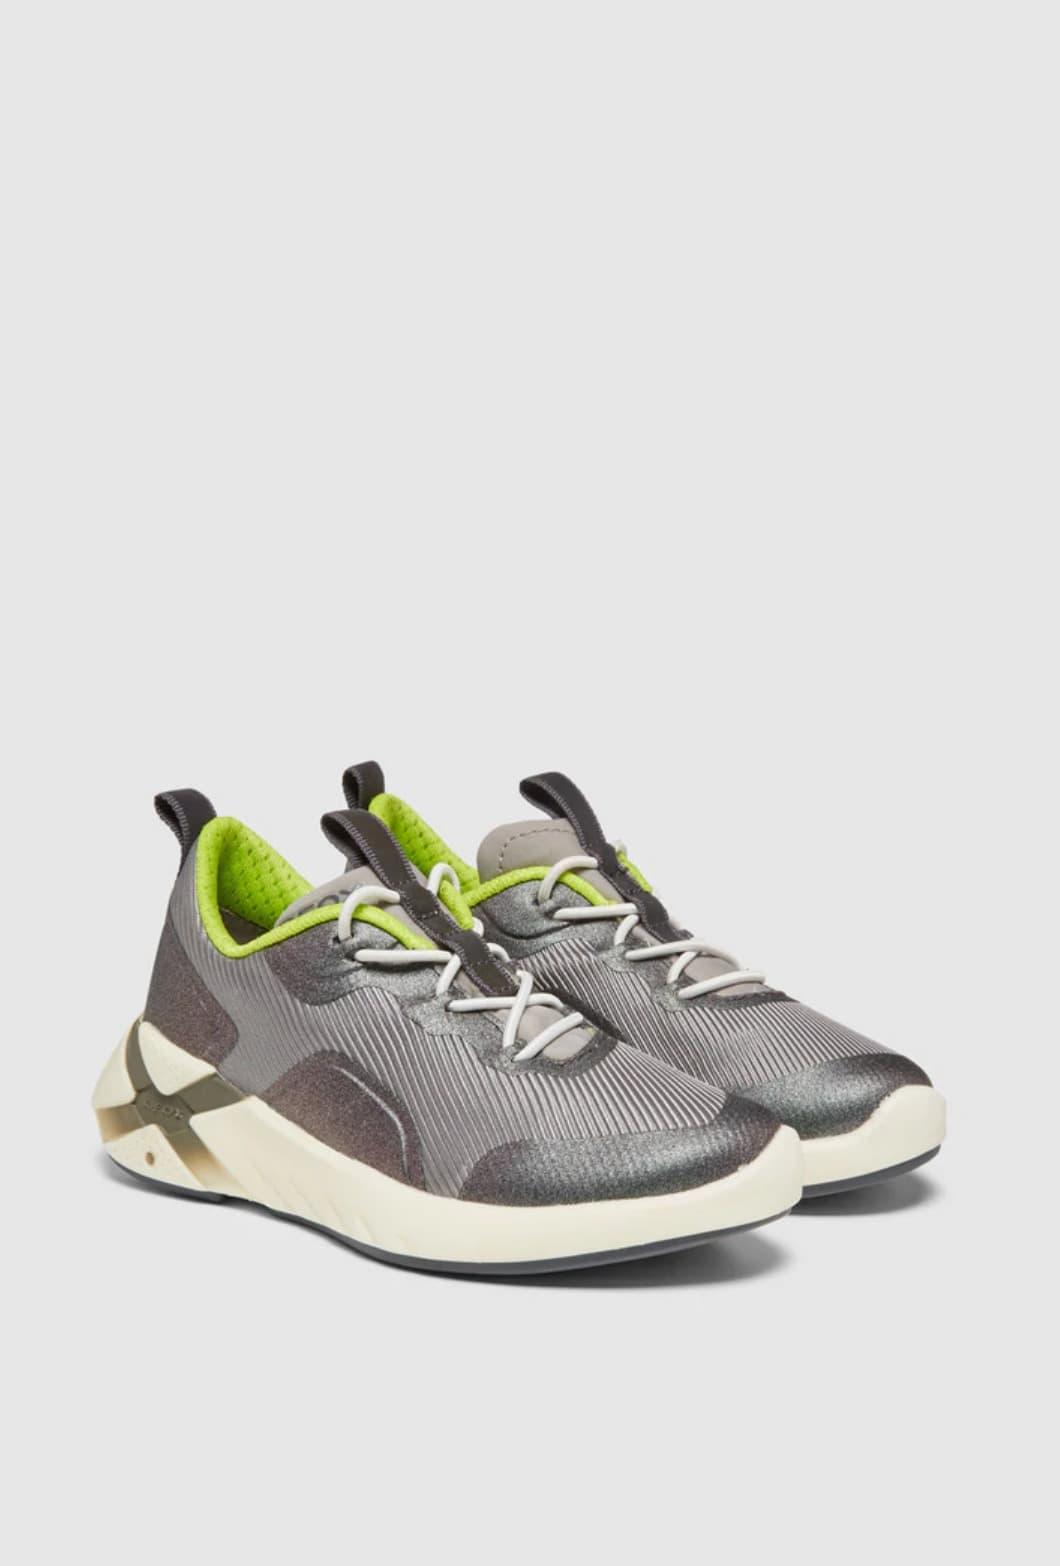 Zapatillas deportivas de niño Geox de color plata con cordones